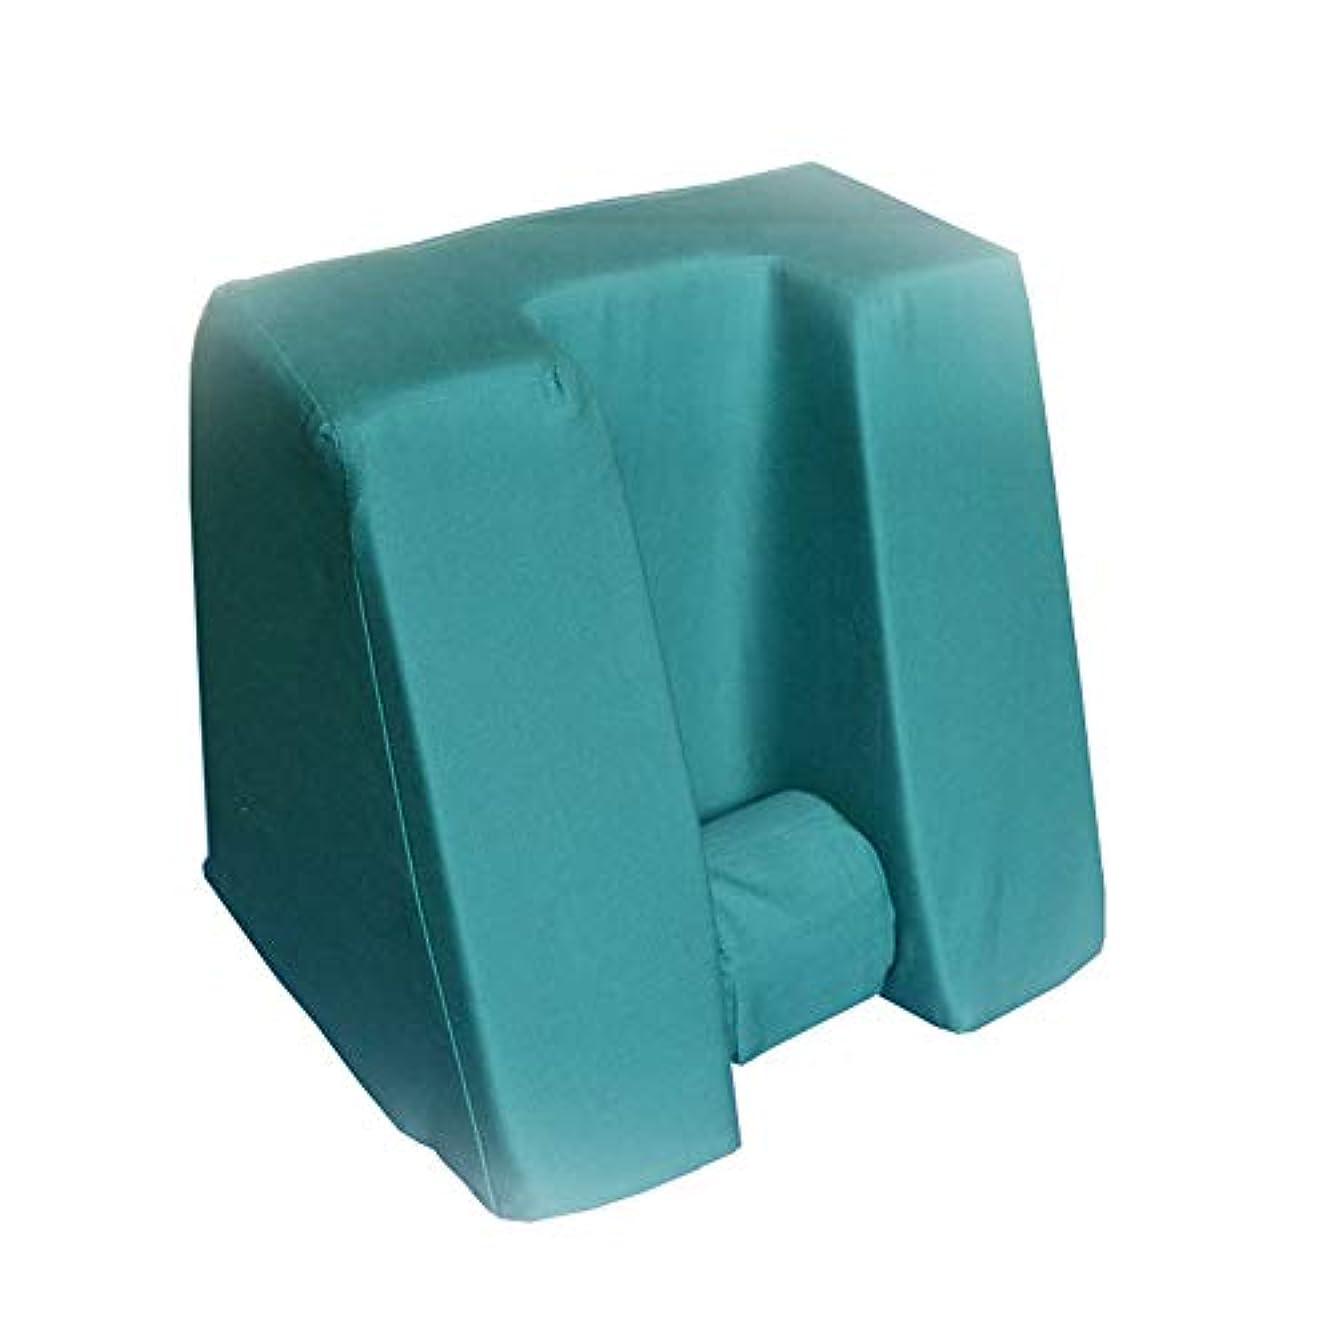 困惑虹出費足垂れ器具、かかと足変形器、反内側、外側回転